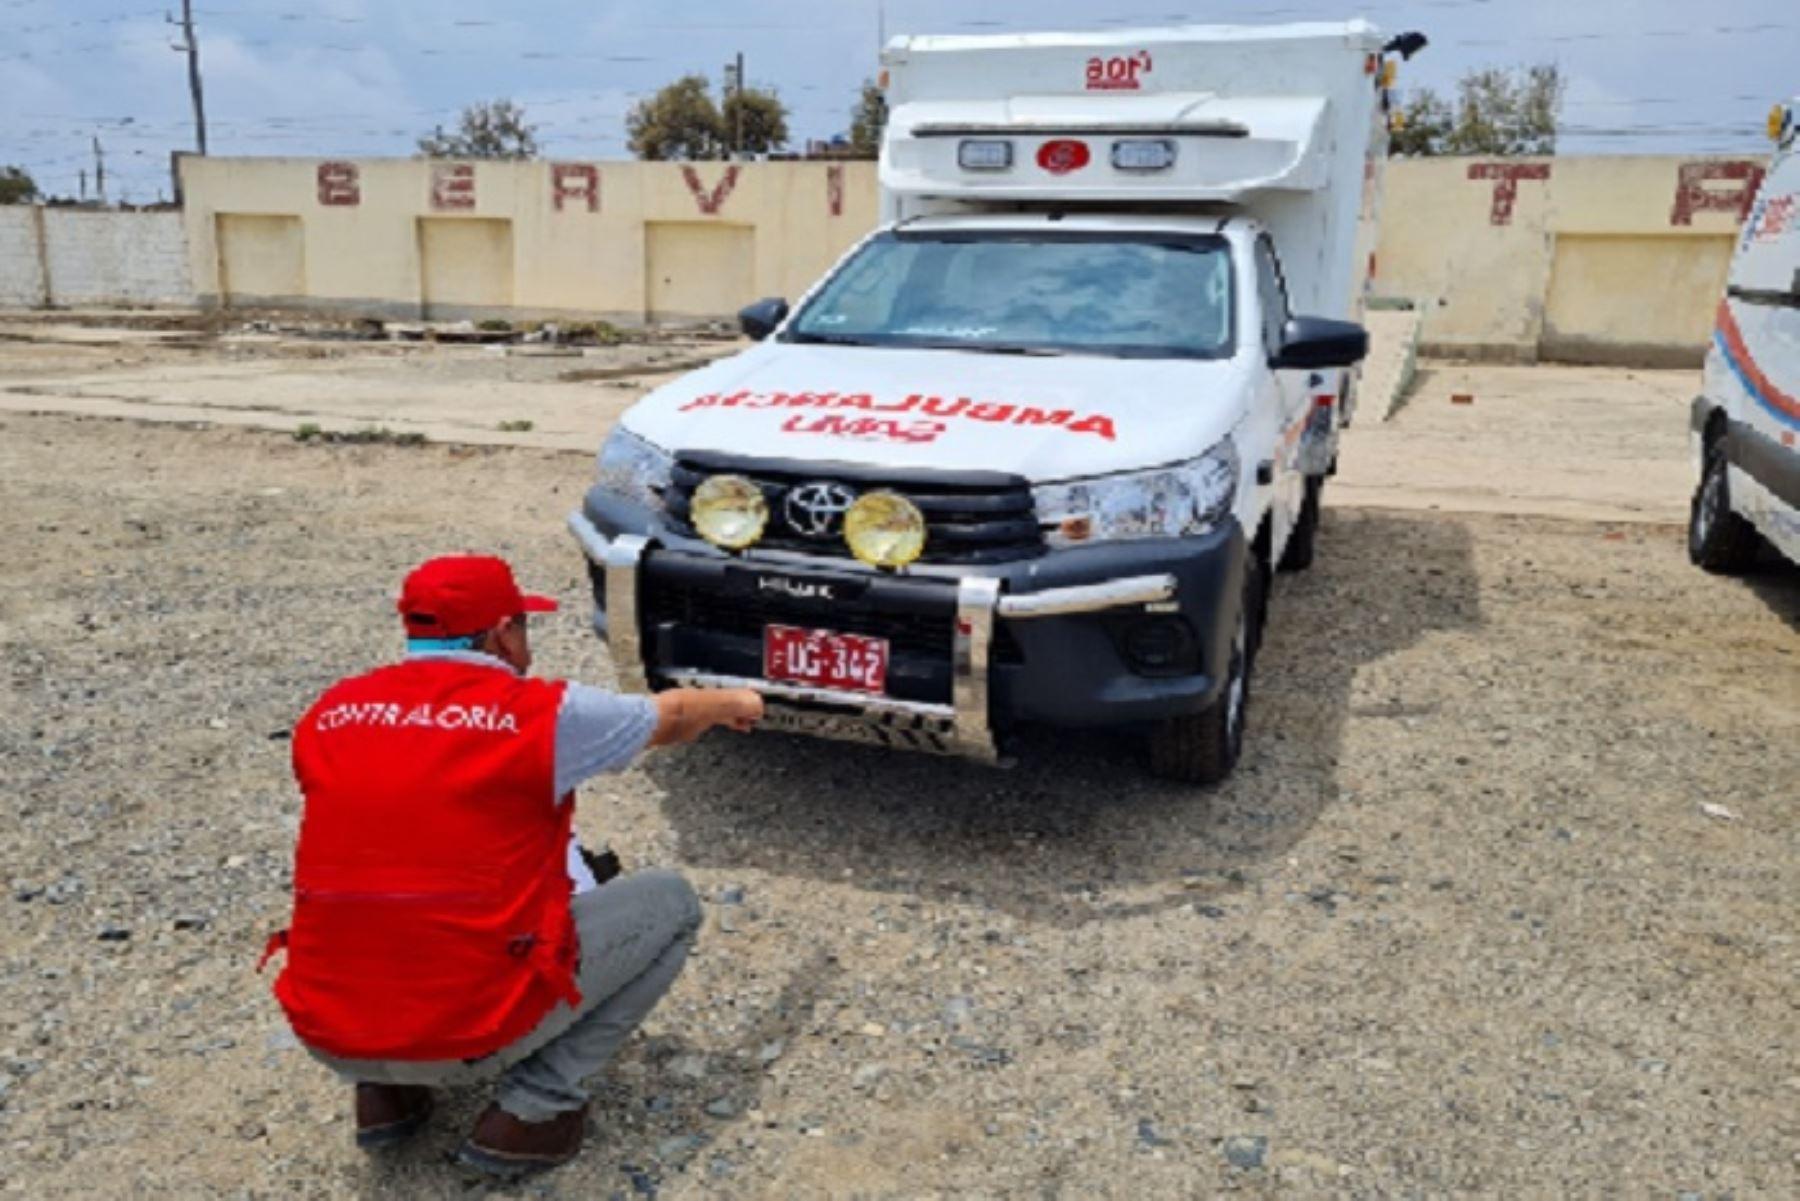 Contraloría advierte que 13  ambulancias no se usan en La Libertad por falta de personal